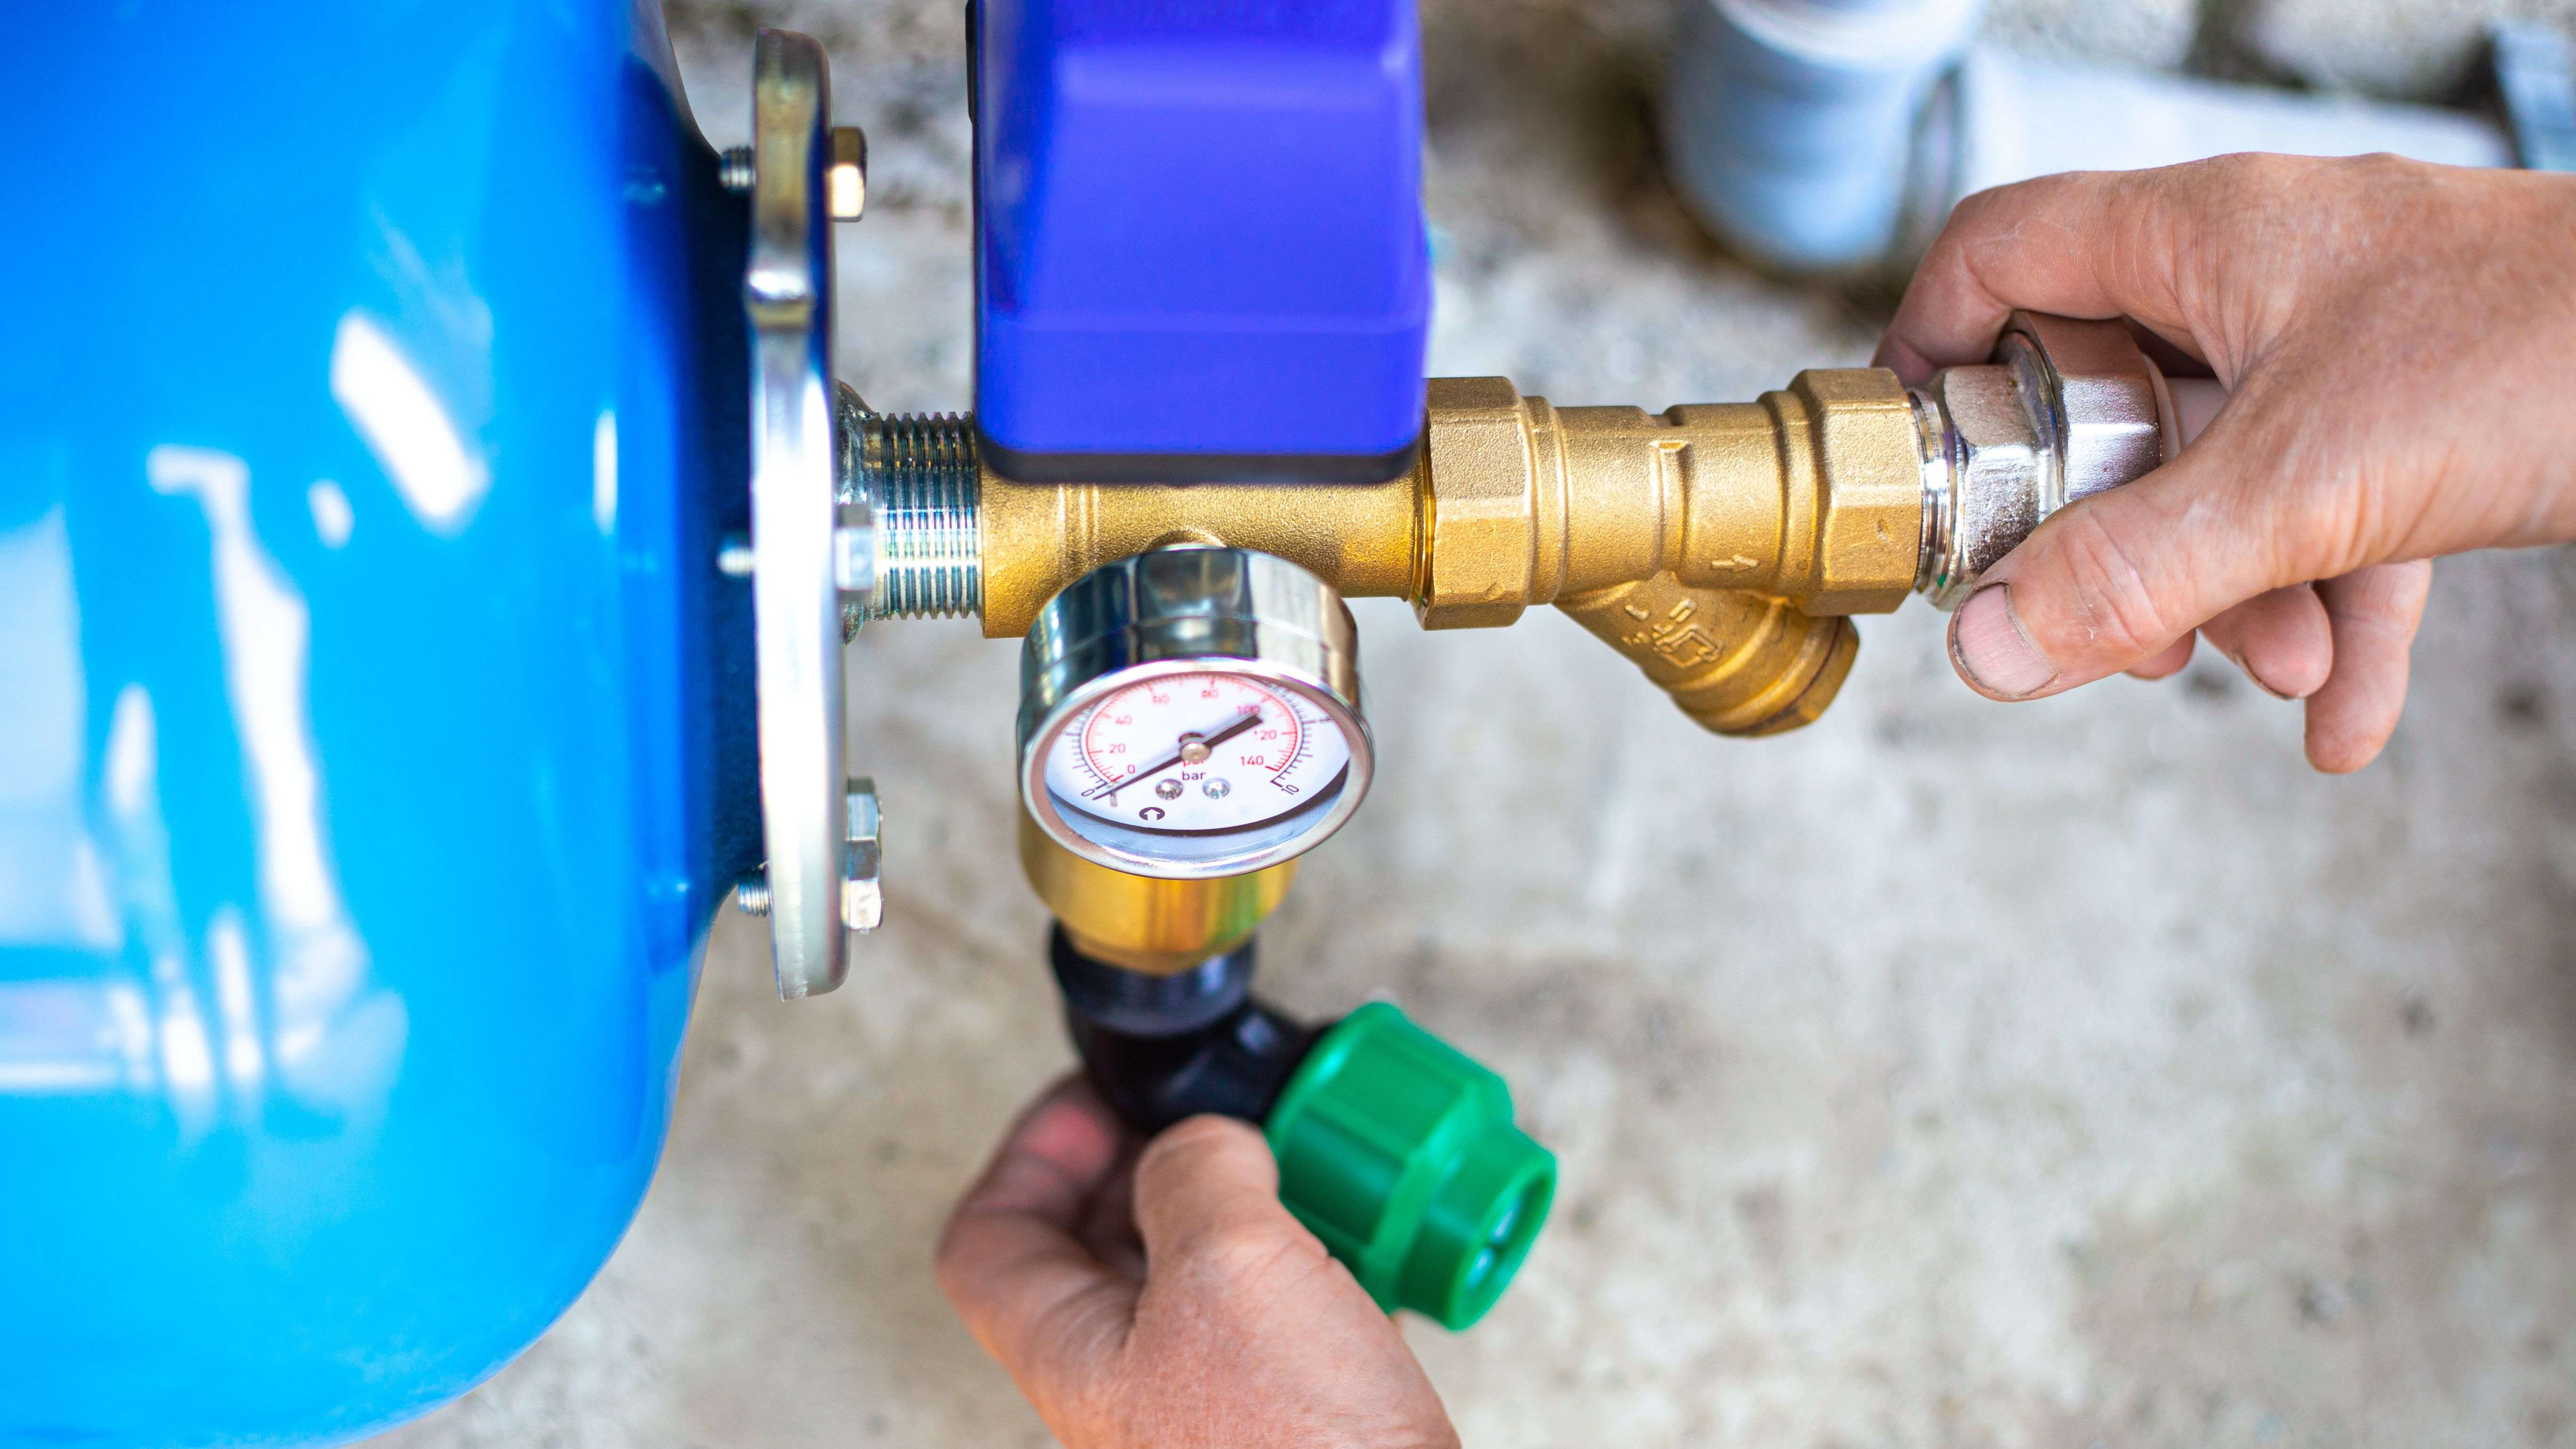 Come scegliere tubi e accessori per pompe idrauliche